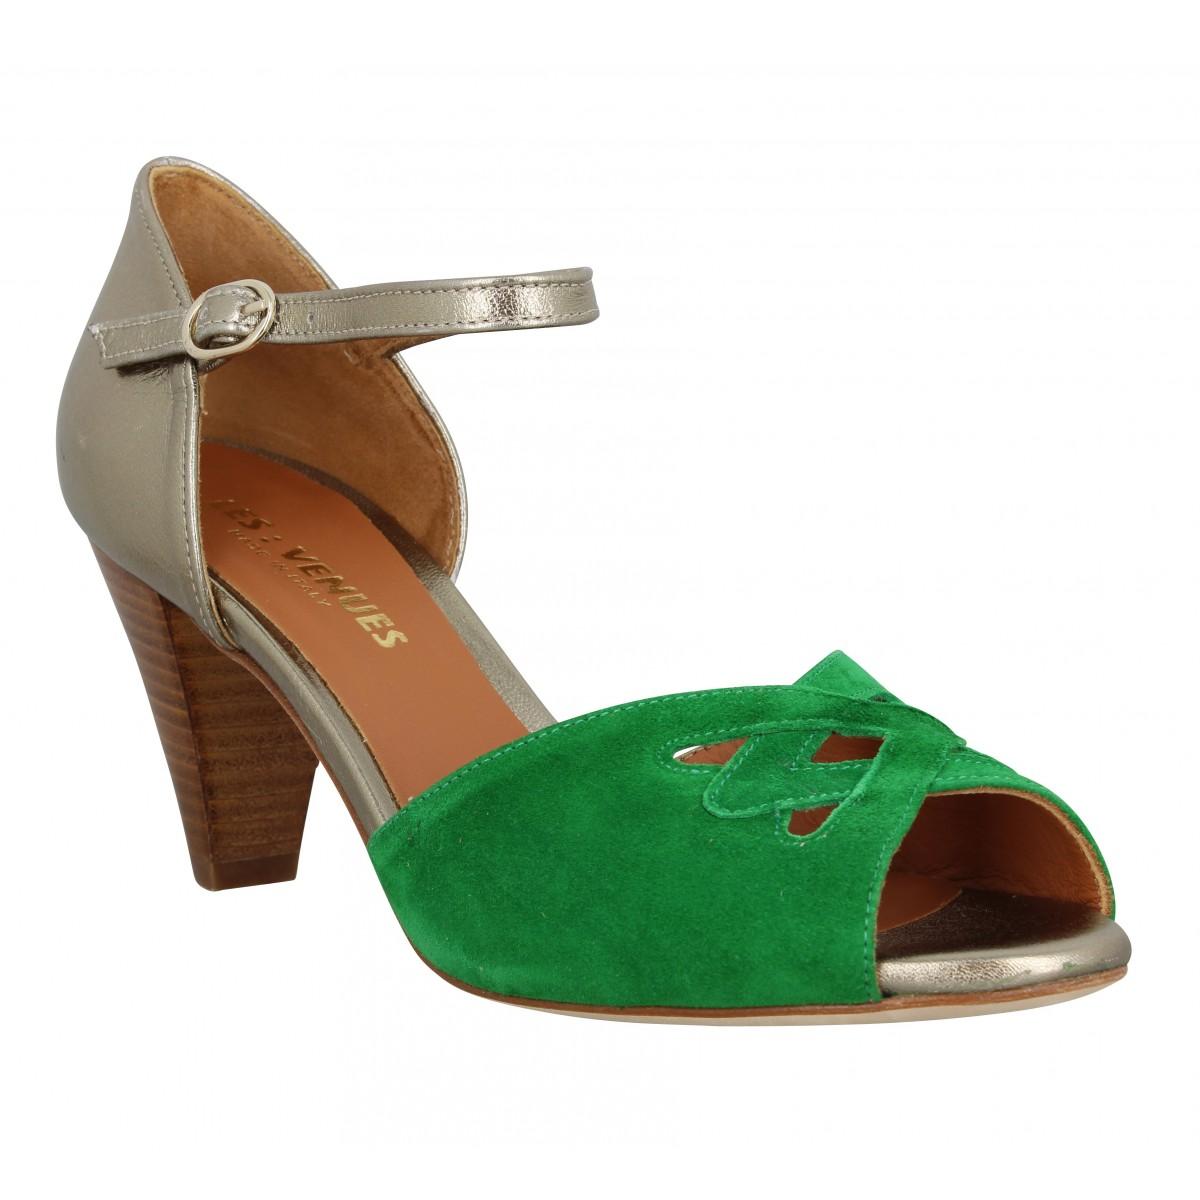 LES VENUES 3653 cuir velours Femme-35-Platine Vert